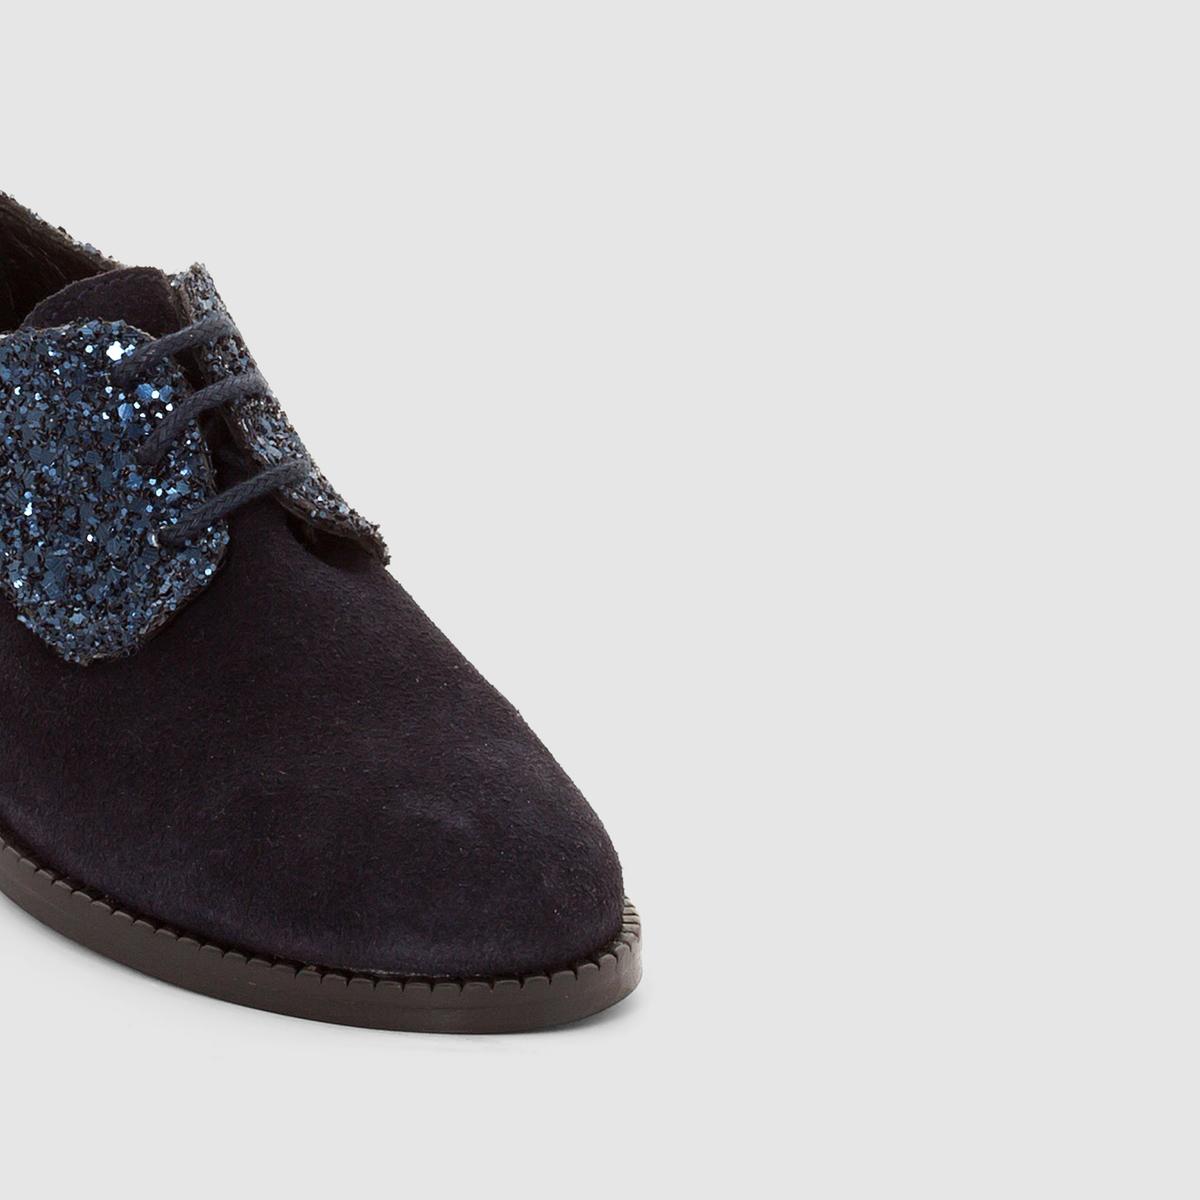 Ботинки дерби из комбинированного материала GEORGINEВерх/Голенище : кожа               Подкладка : кожа          Стелька  : кожа          Подошва : Каучук.     Форма каблука : плоский каблук         Мысок : закругленный          Застежка : Шнуровка         Преимущества : Марка детской обуви от фирмы JONAK<br><br>Цвет: синий<br>Размер: 31